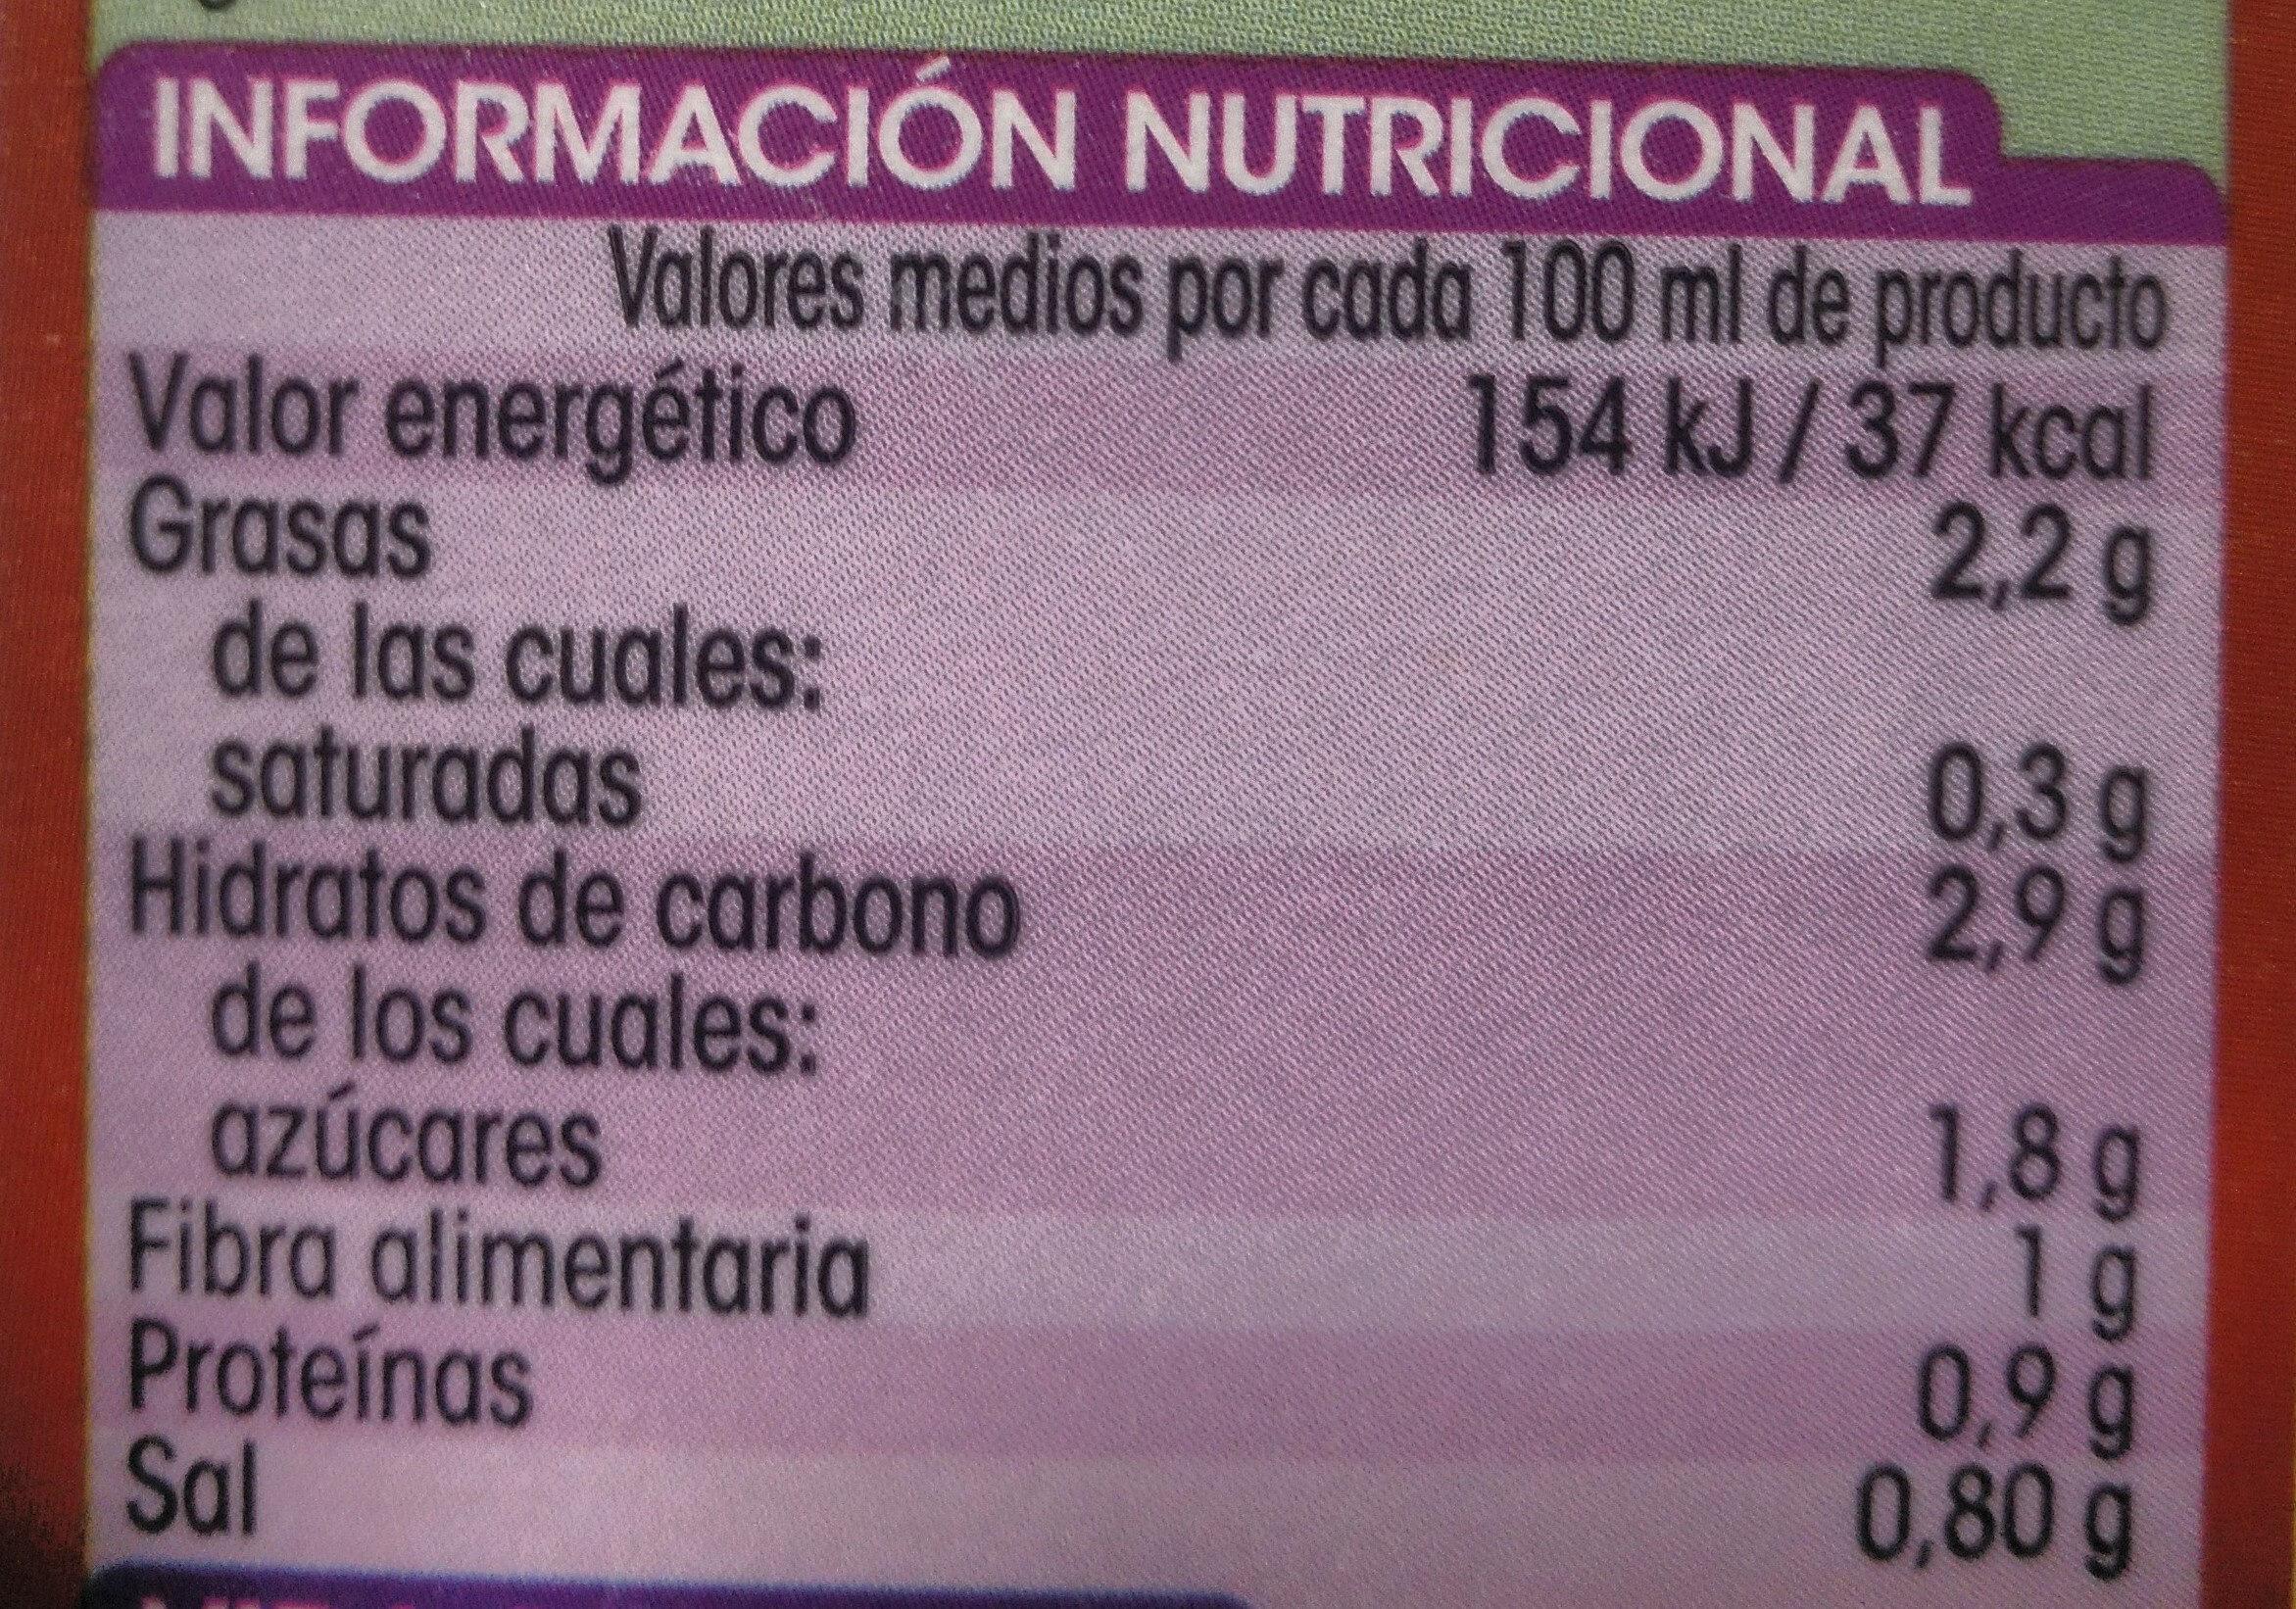 Gazpacho alipende - Información nutricional - es